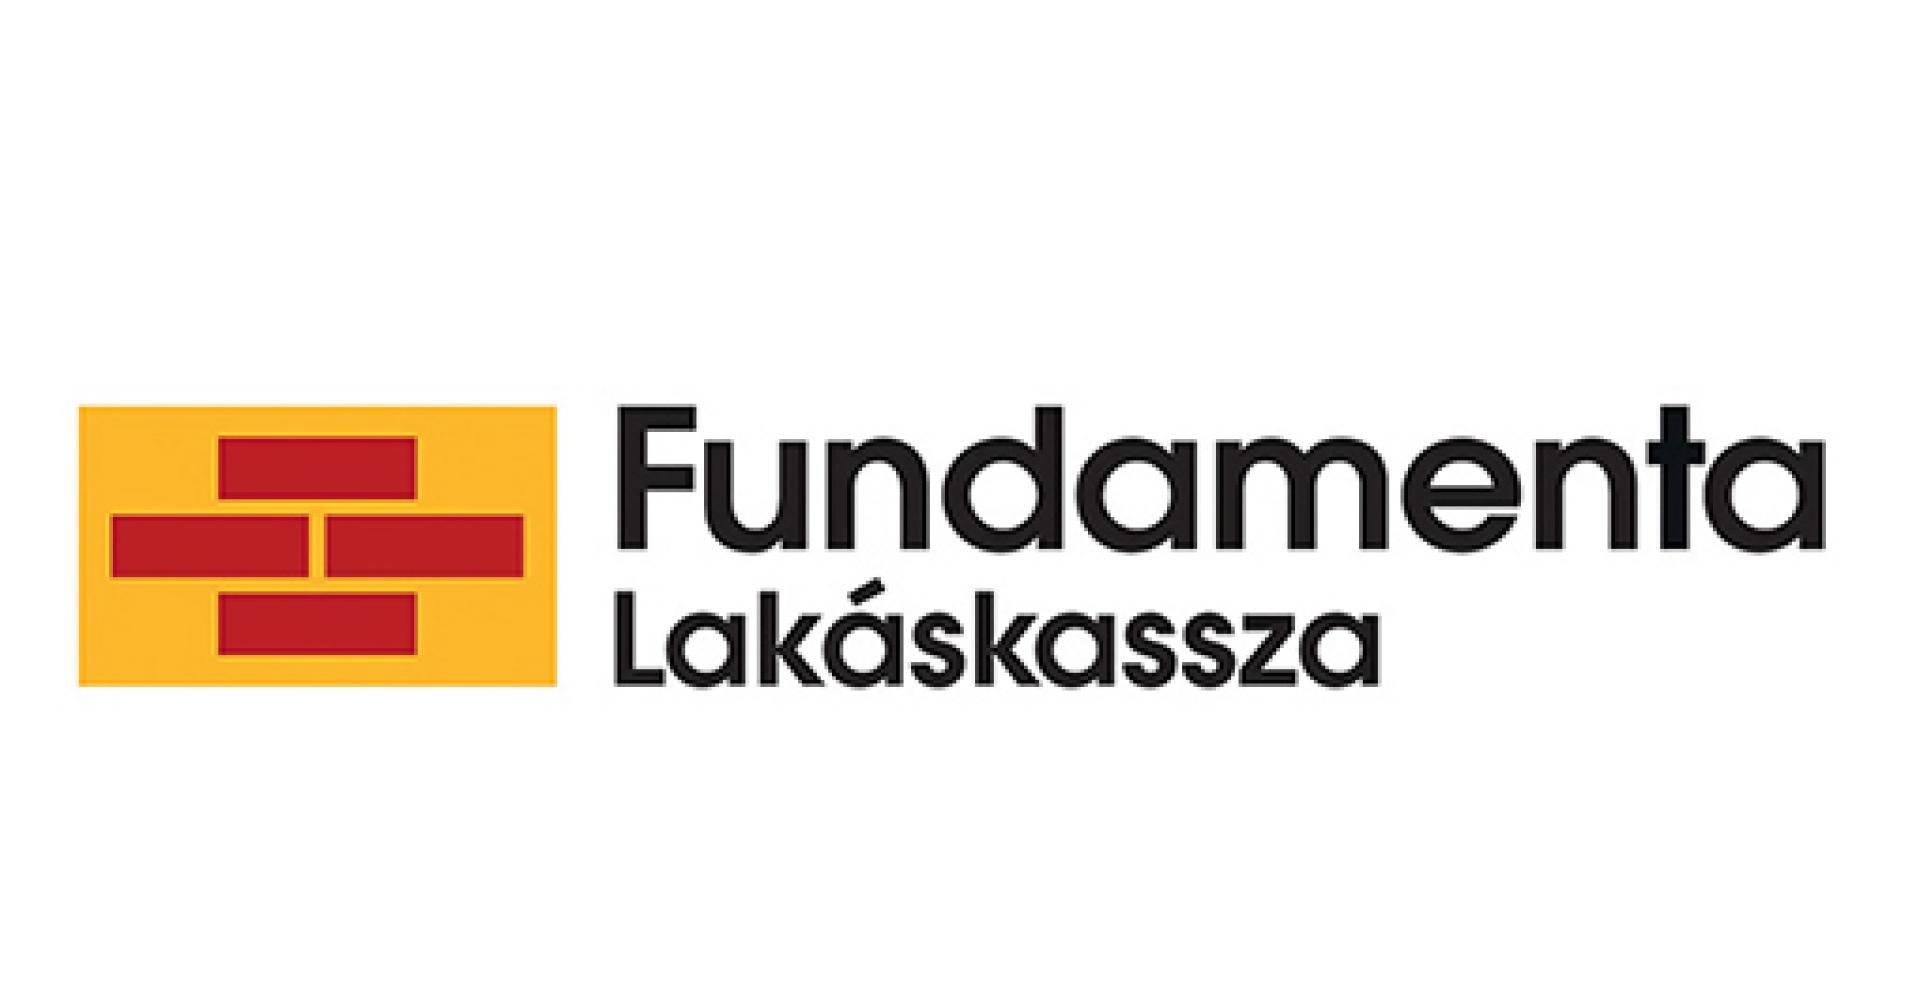 Fundamenta Lakáskassza